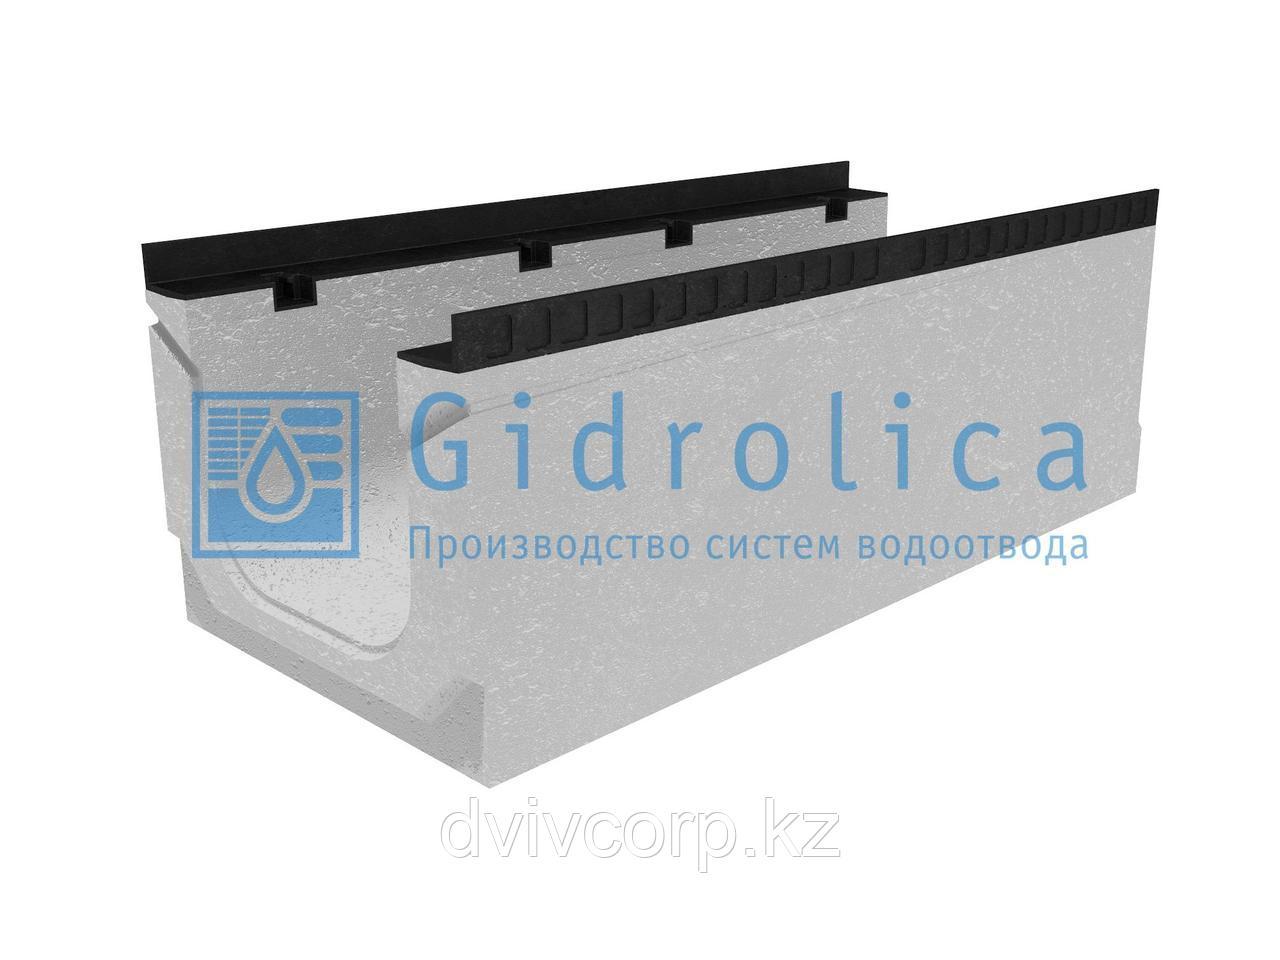 Лоток водоотводный бетонный коробчатый (СО-300мм), с уклоном 0,5%  КПу 100.44(30).37,5(30,5) - BGМ-F, № 13